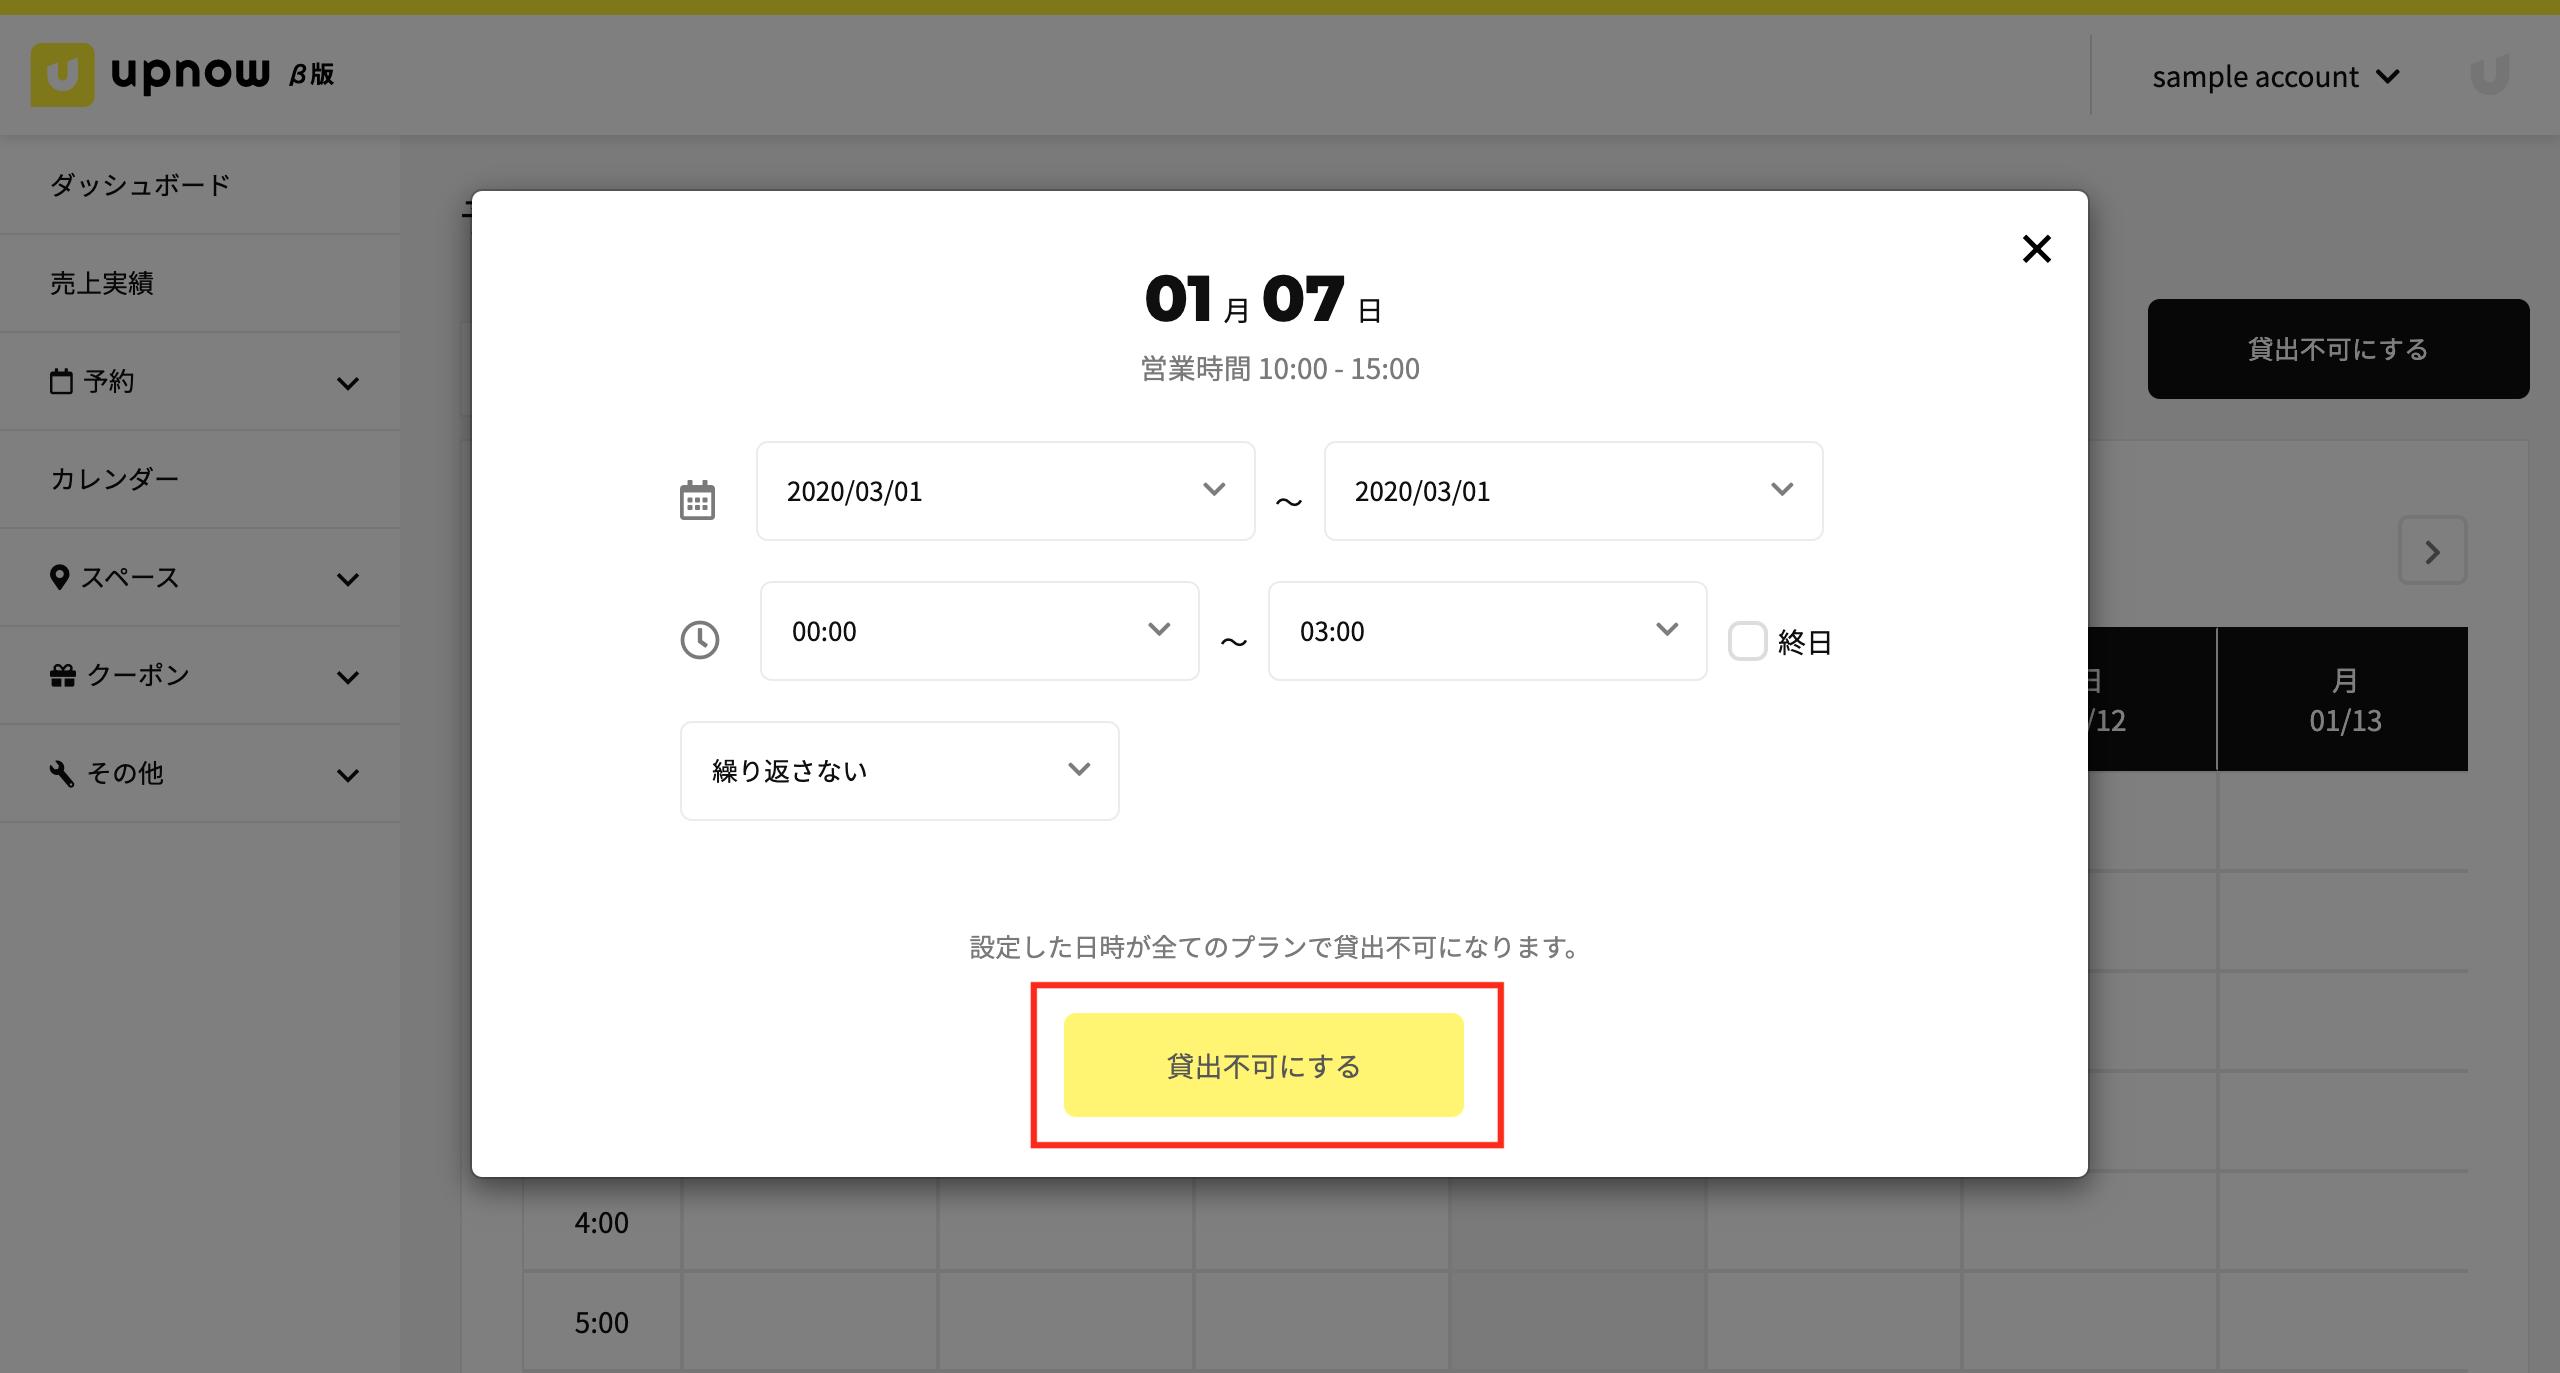 スクリーンショット 2020-01-10 15.15.32.png